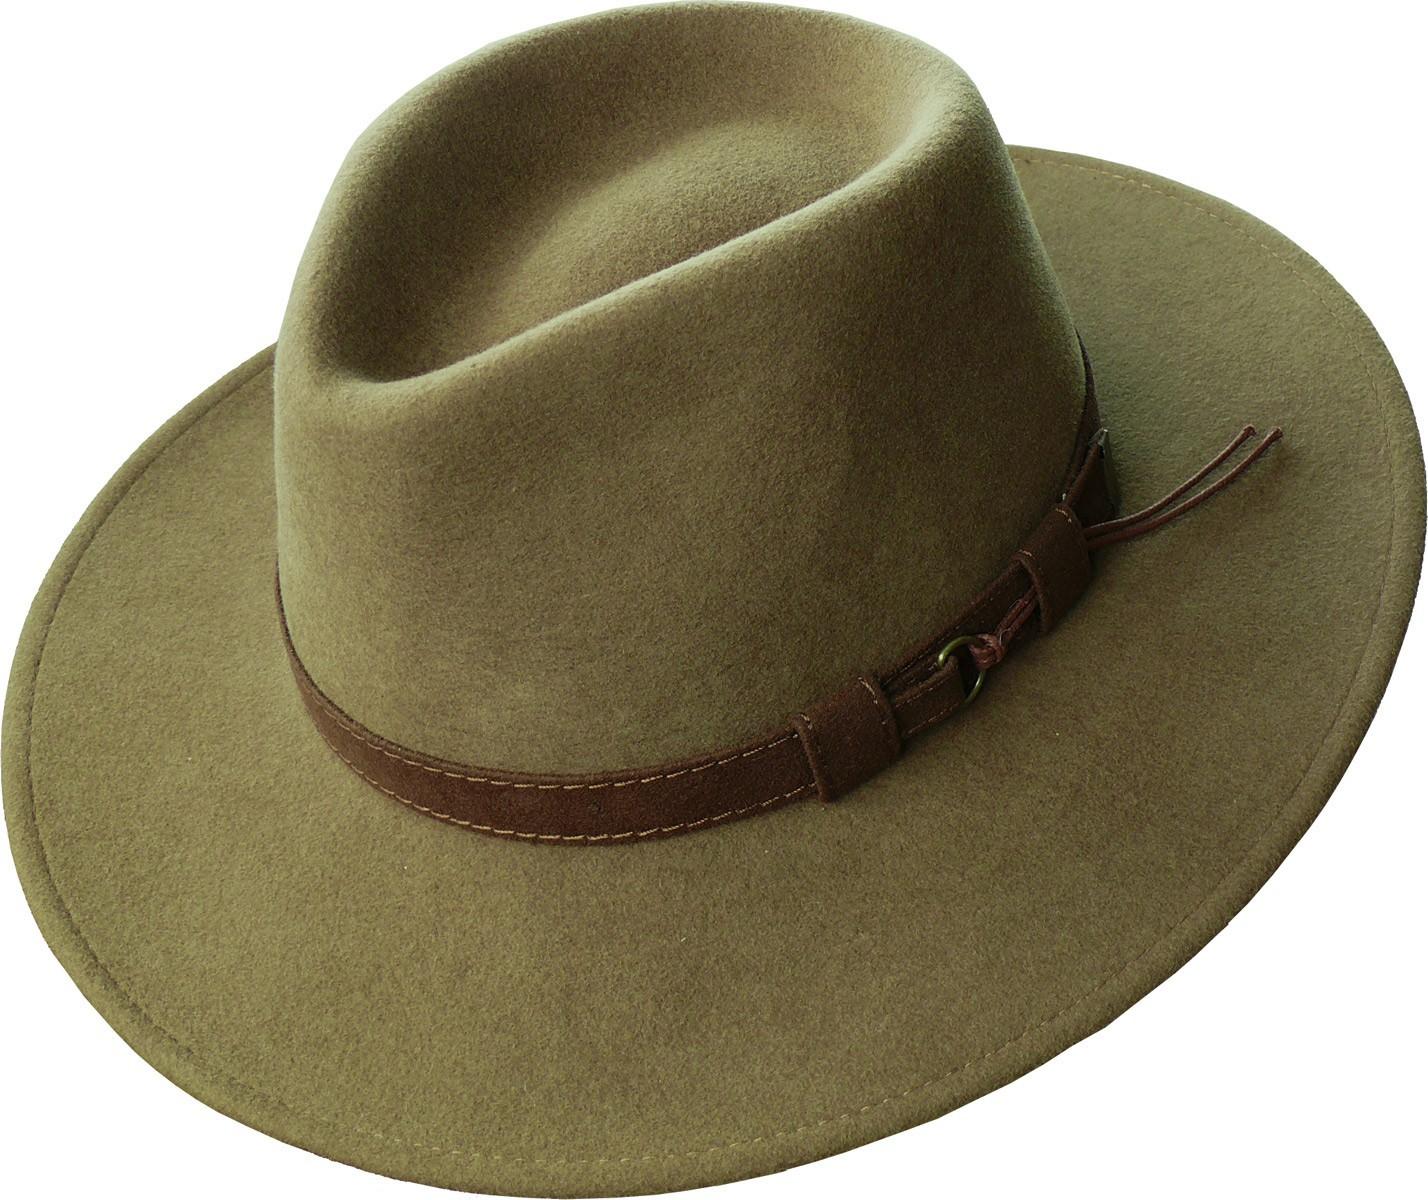 Rollbarer Hut Mit Breiter Krempe Braunes Stoffband In 3 Farben Hute